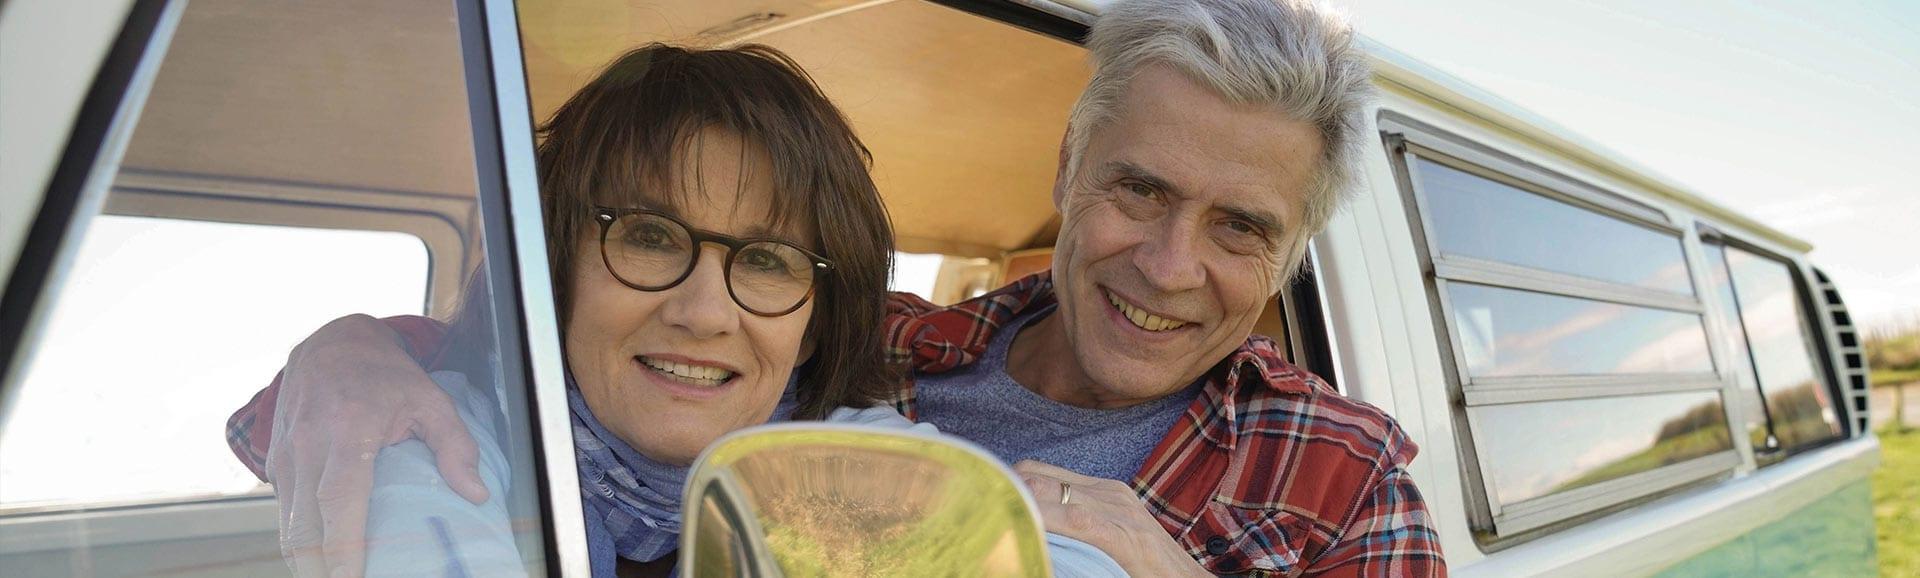 Senioren genießen die Freiheit im Wohnmobil dank Immobilien-Teilverkauf